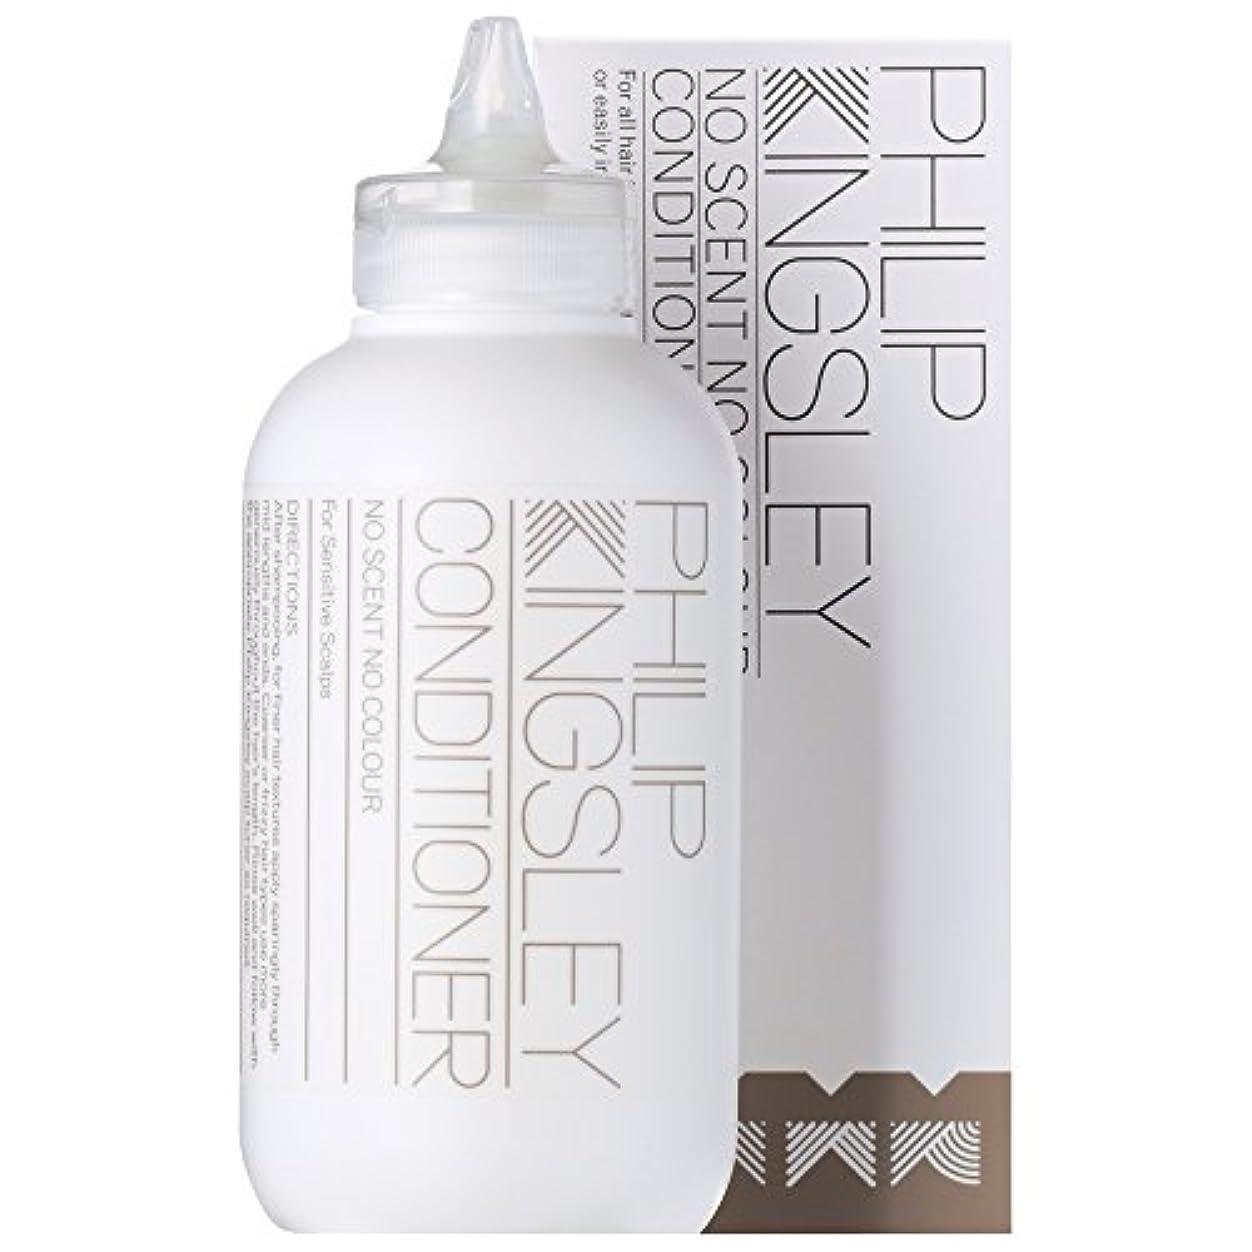 弾薬資源ホイットニーフィリップはないカラーコンディショナー250Ml全く香りキングスレーありません (Philip Kingsley) (x6) - Philip Kingsley No Scent No Colour Conditioner 250ml (Pack of 6) [並行輸入品]